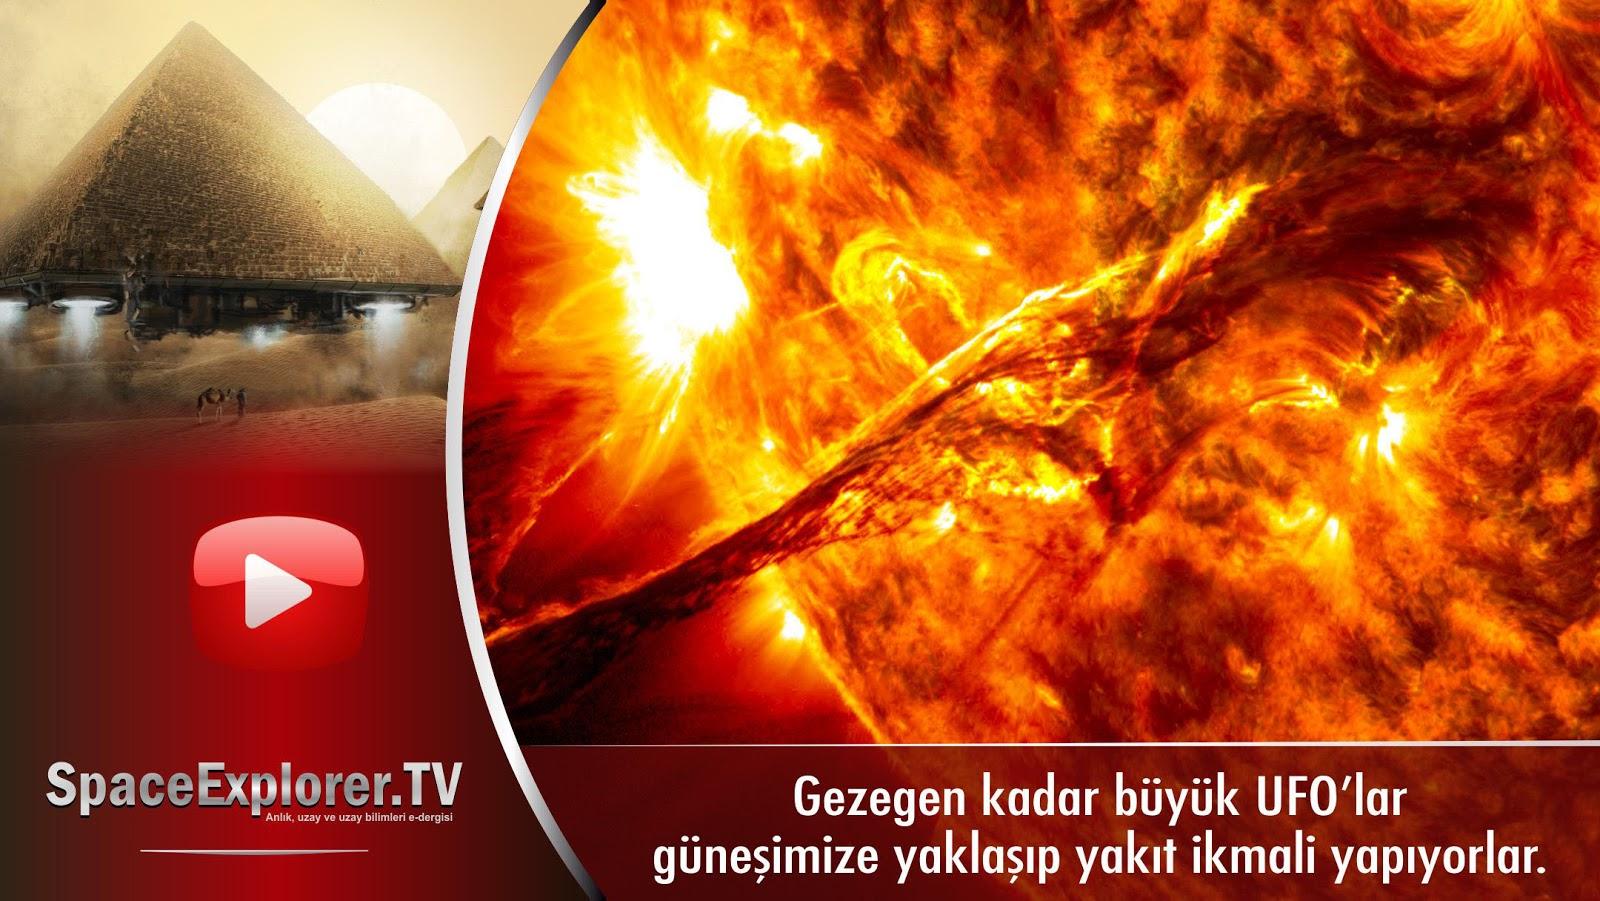 Videolar, Güneş, UFO'lar gerçek mi?, Dev UFO'lar, Uzayda hayat var mı?, SOHO, NASA, Evrende yalnız mıyız?, UFO,